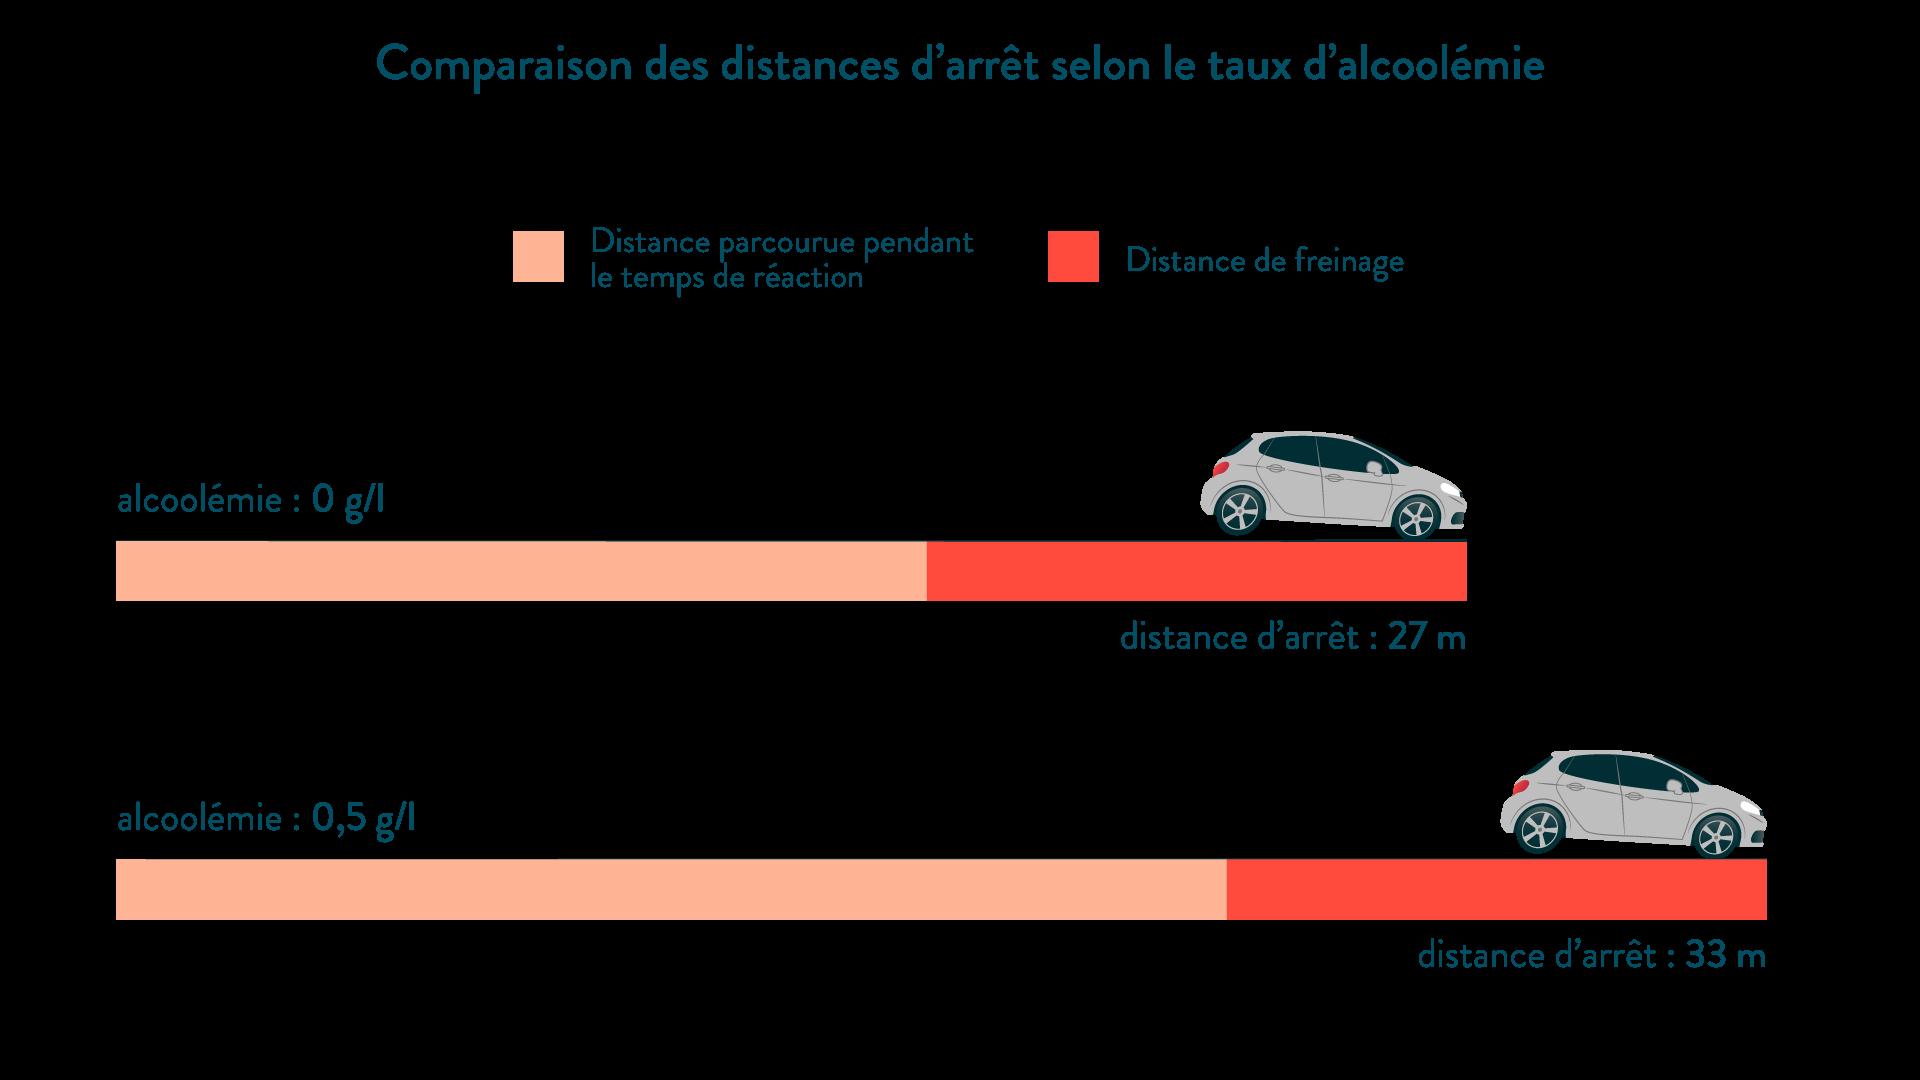 Comparaison des distances d'arrêt selon le taux d'alcoolémie